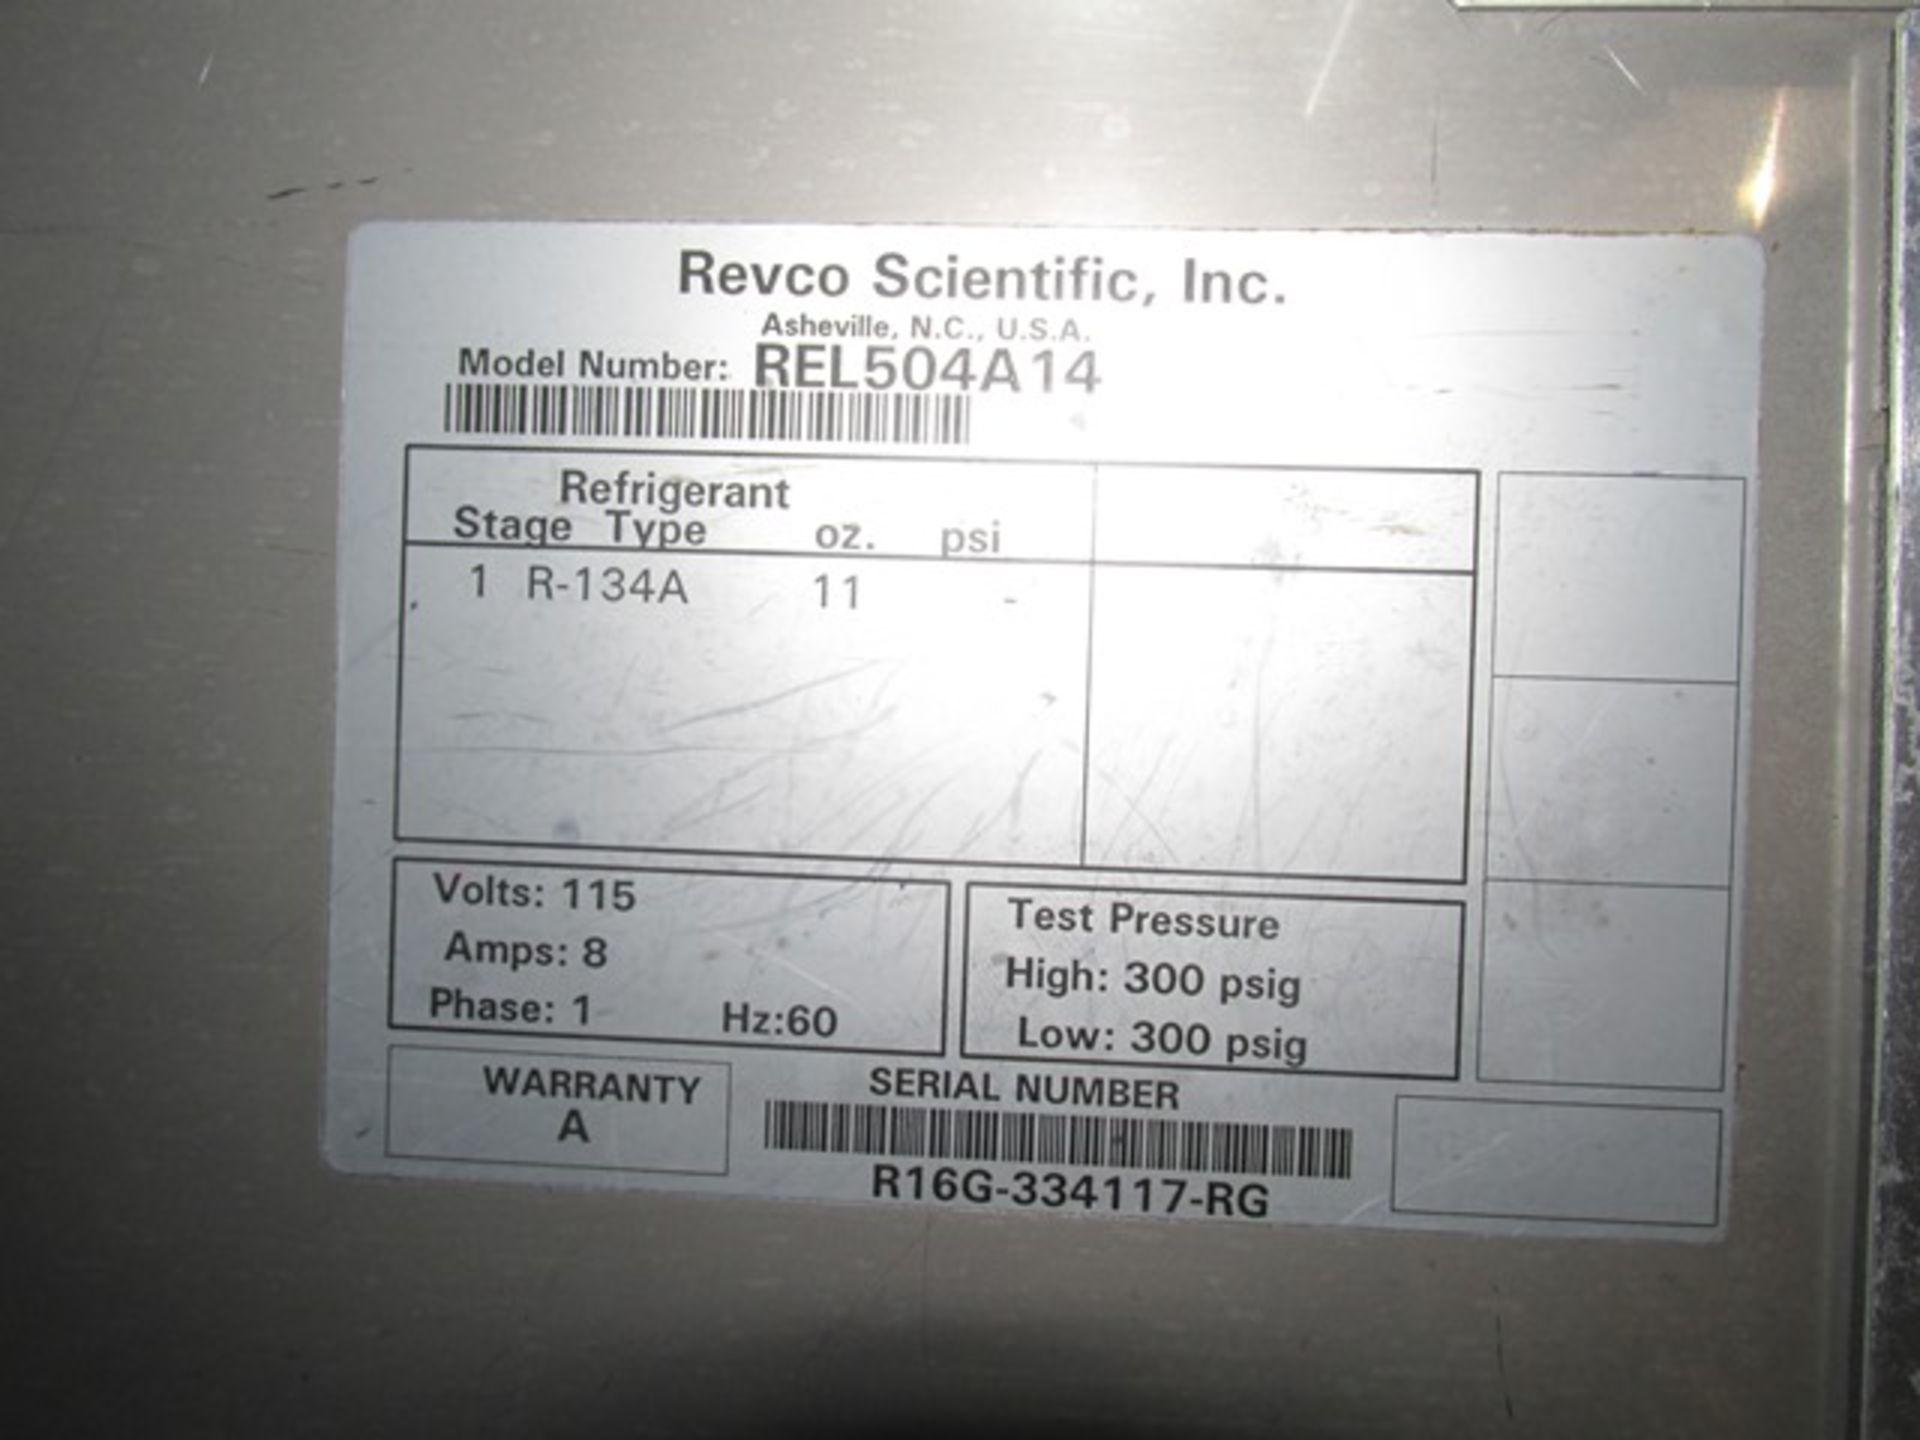 Lot 54 - Revco refrigerator/freezer, S/S interior, with 2 shelves, model REL504A14